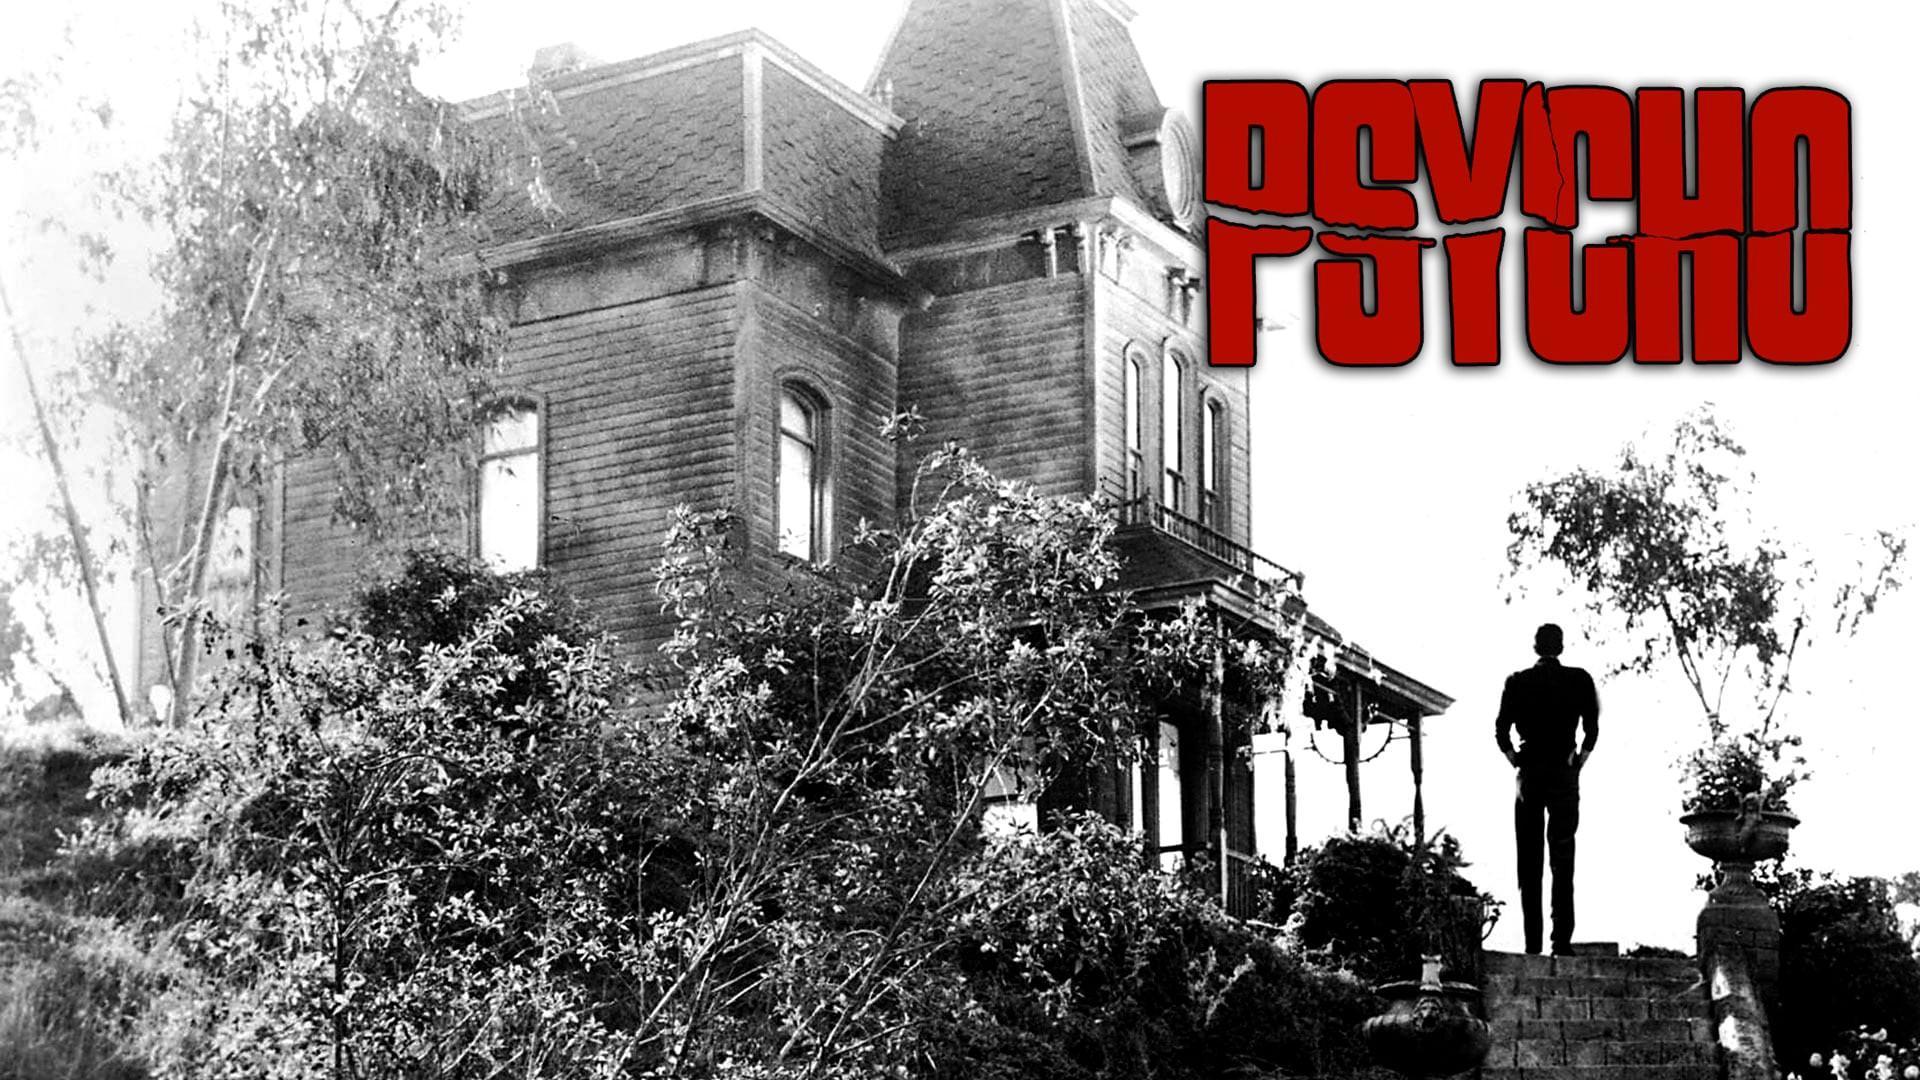 25 érdekesség a Psycho című filmről